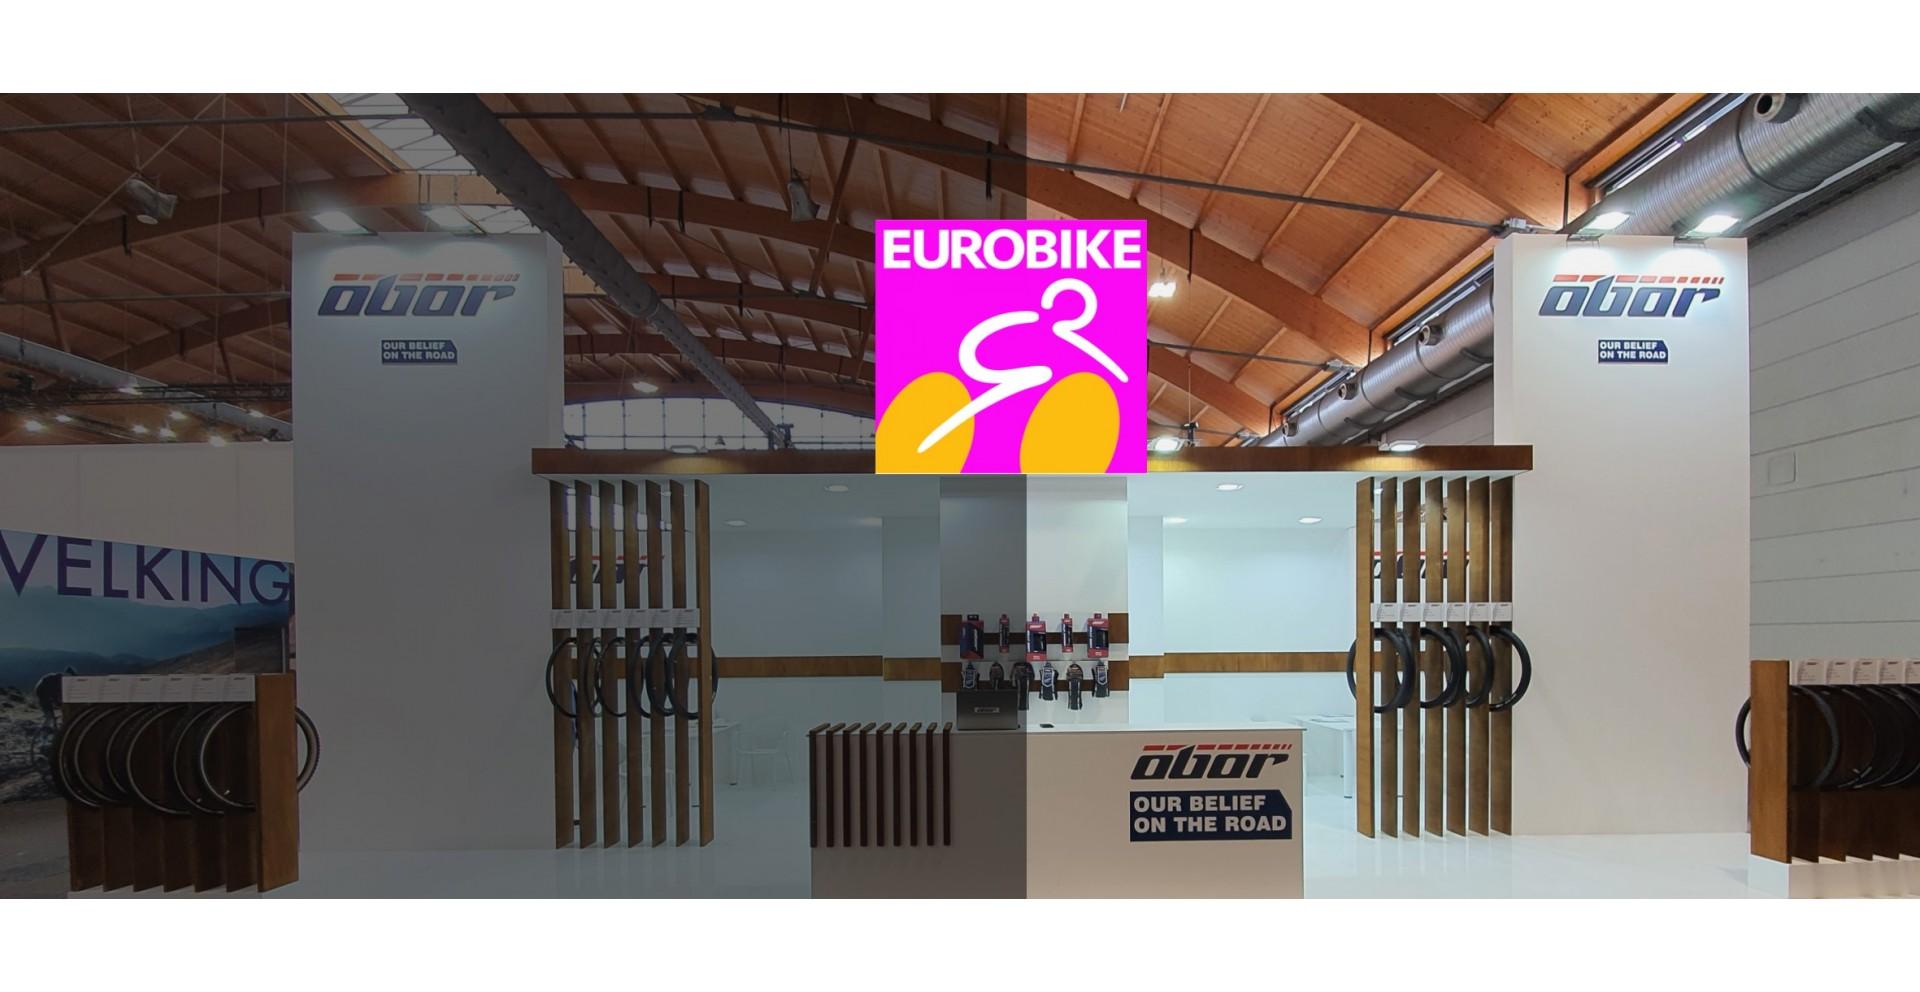 Obor-Eurobike 2021